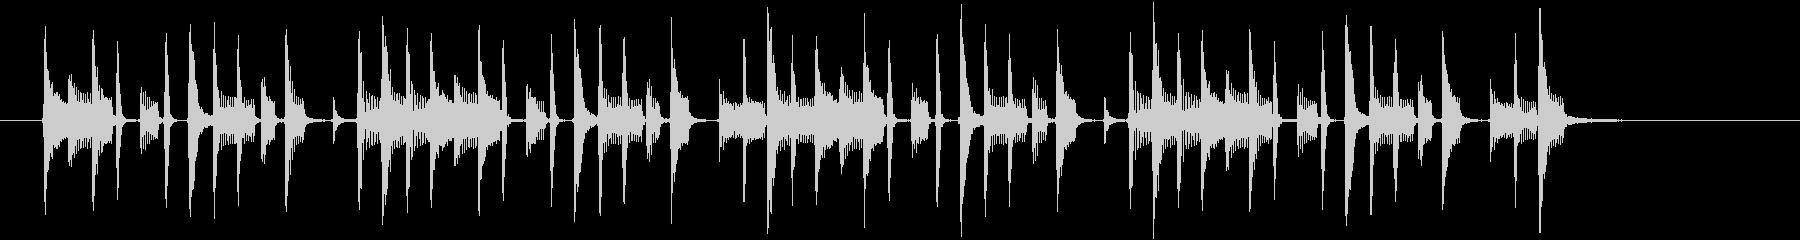 パーカッションの南国風ボサノバの未再生の波形